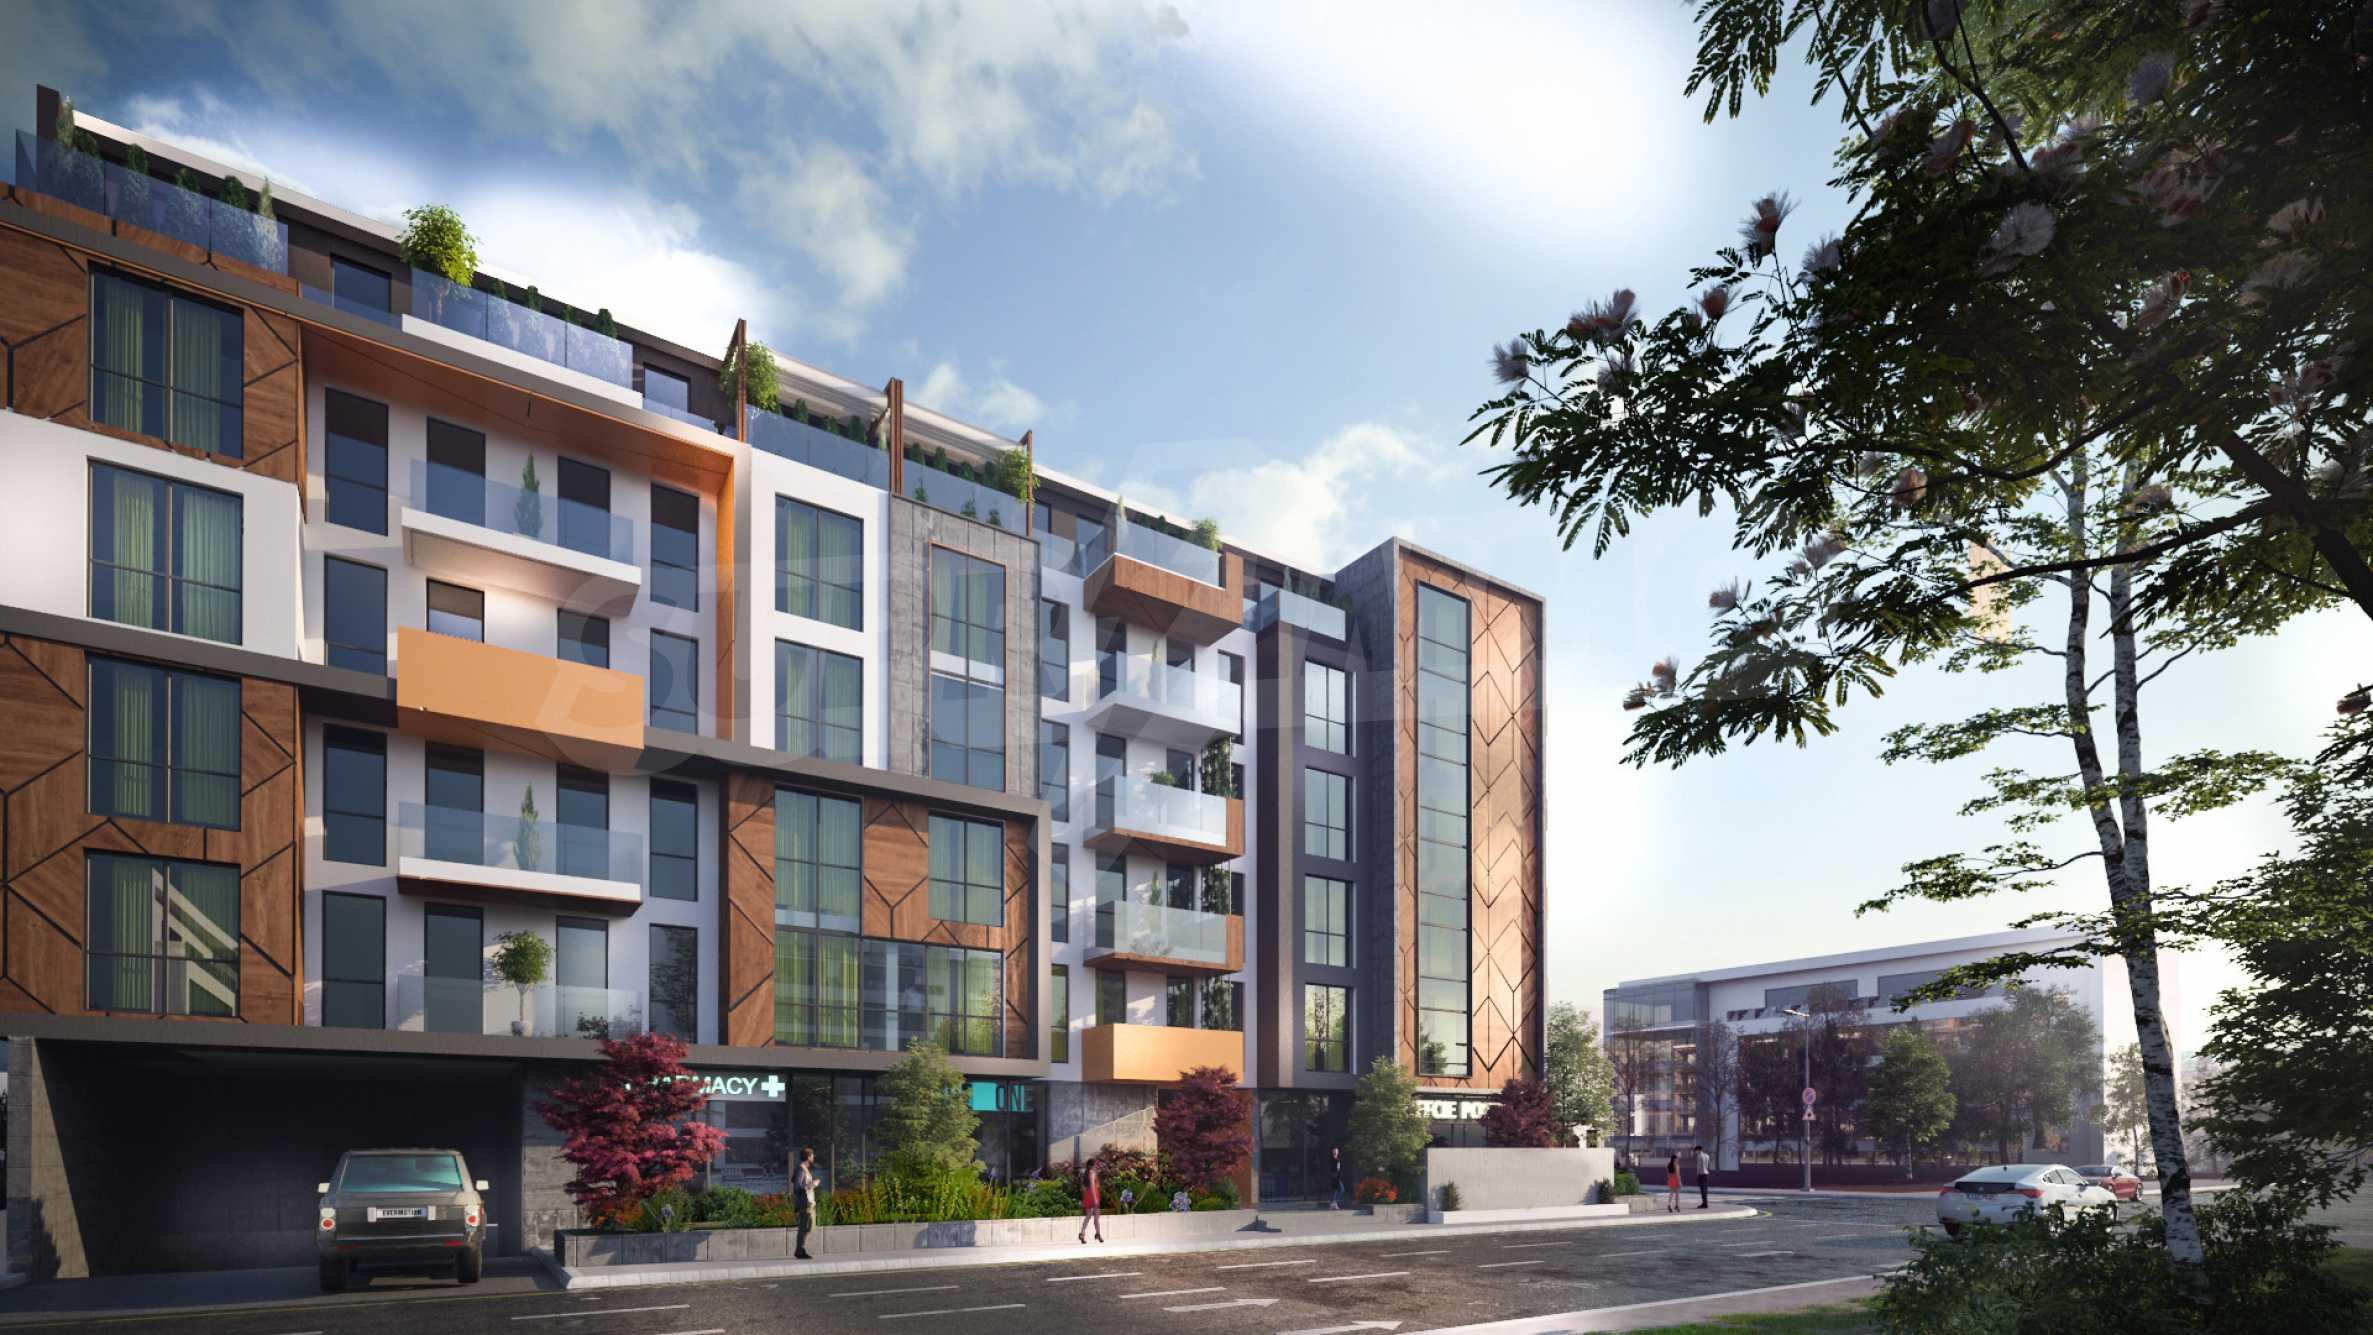 Ексклузивен комплекс на отлична локация в близост до бъдеща метростанция  11